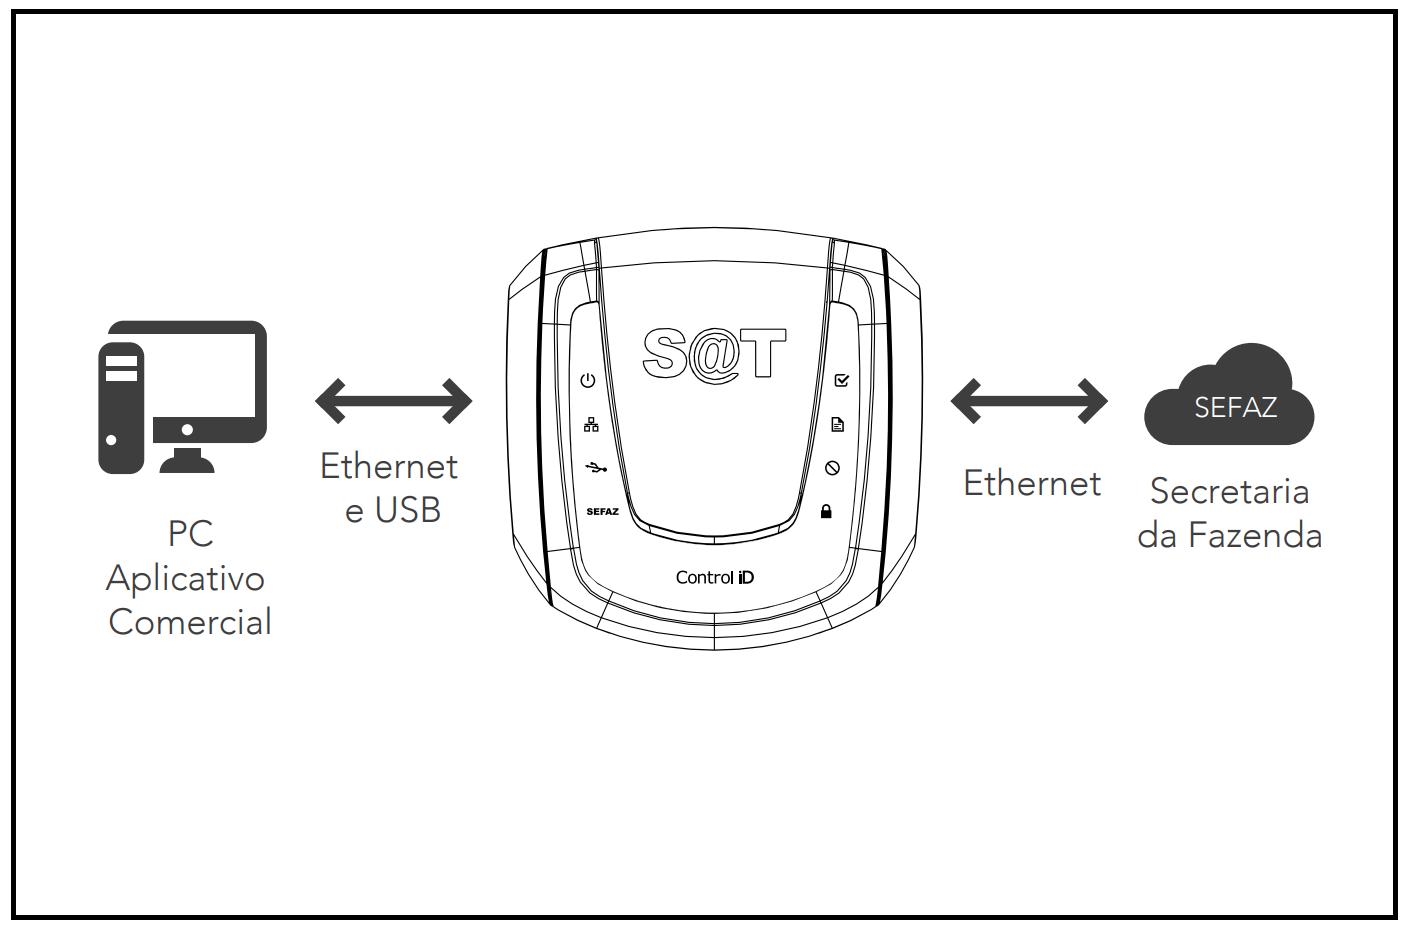 Diagrama de instalação do SAT iD